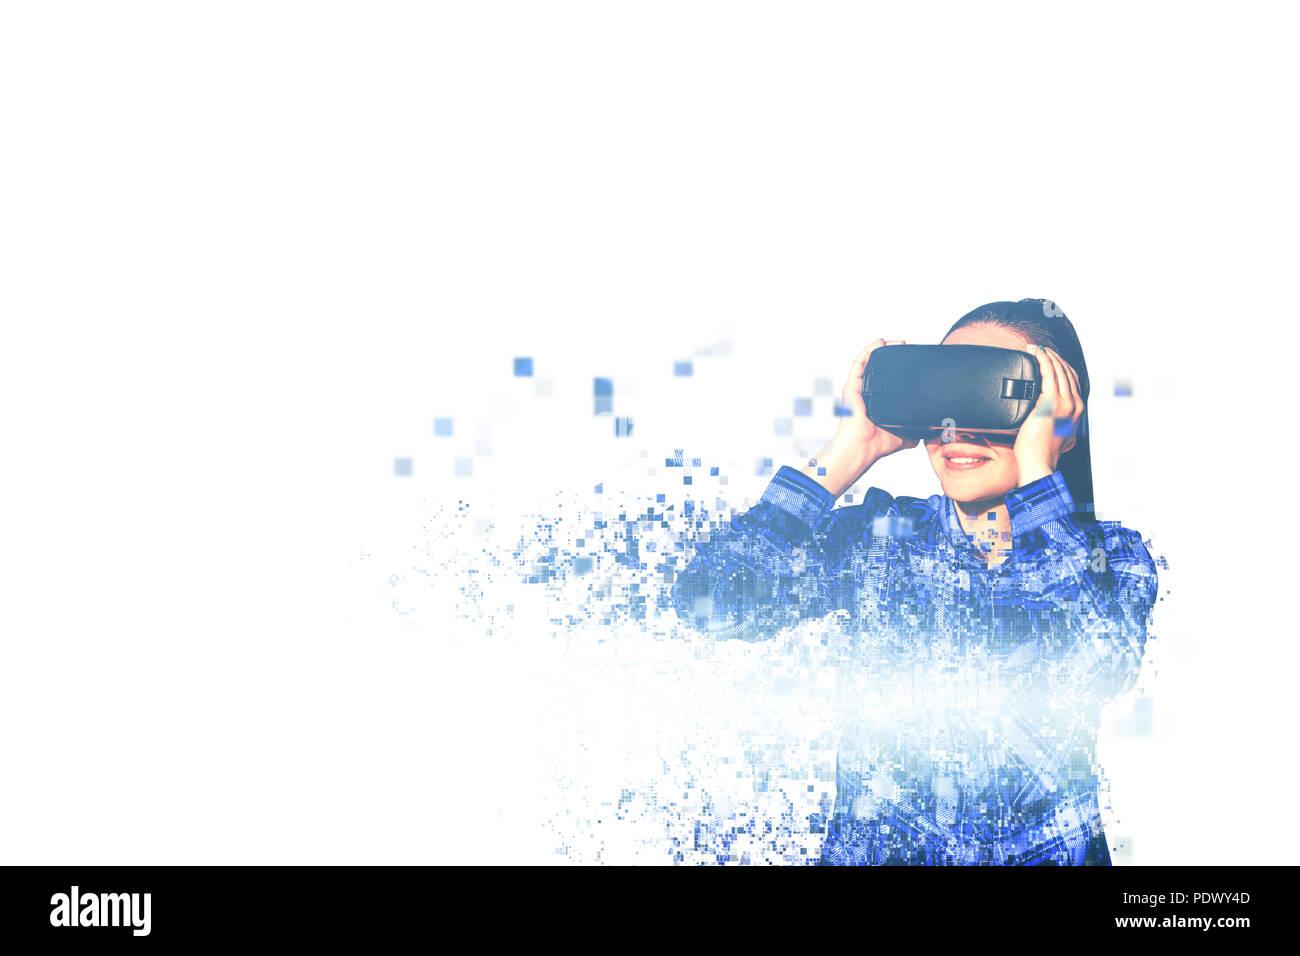 La femme avec des lunettes de réalité virtuelle. La future technologie concept. La technologie de l'imagerie moderne. Morcelée en pixels Photo Stock